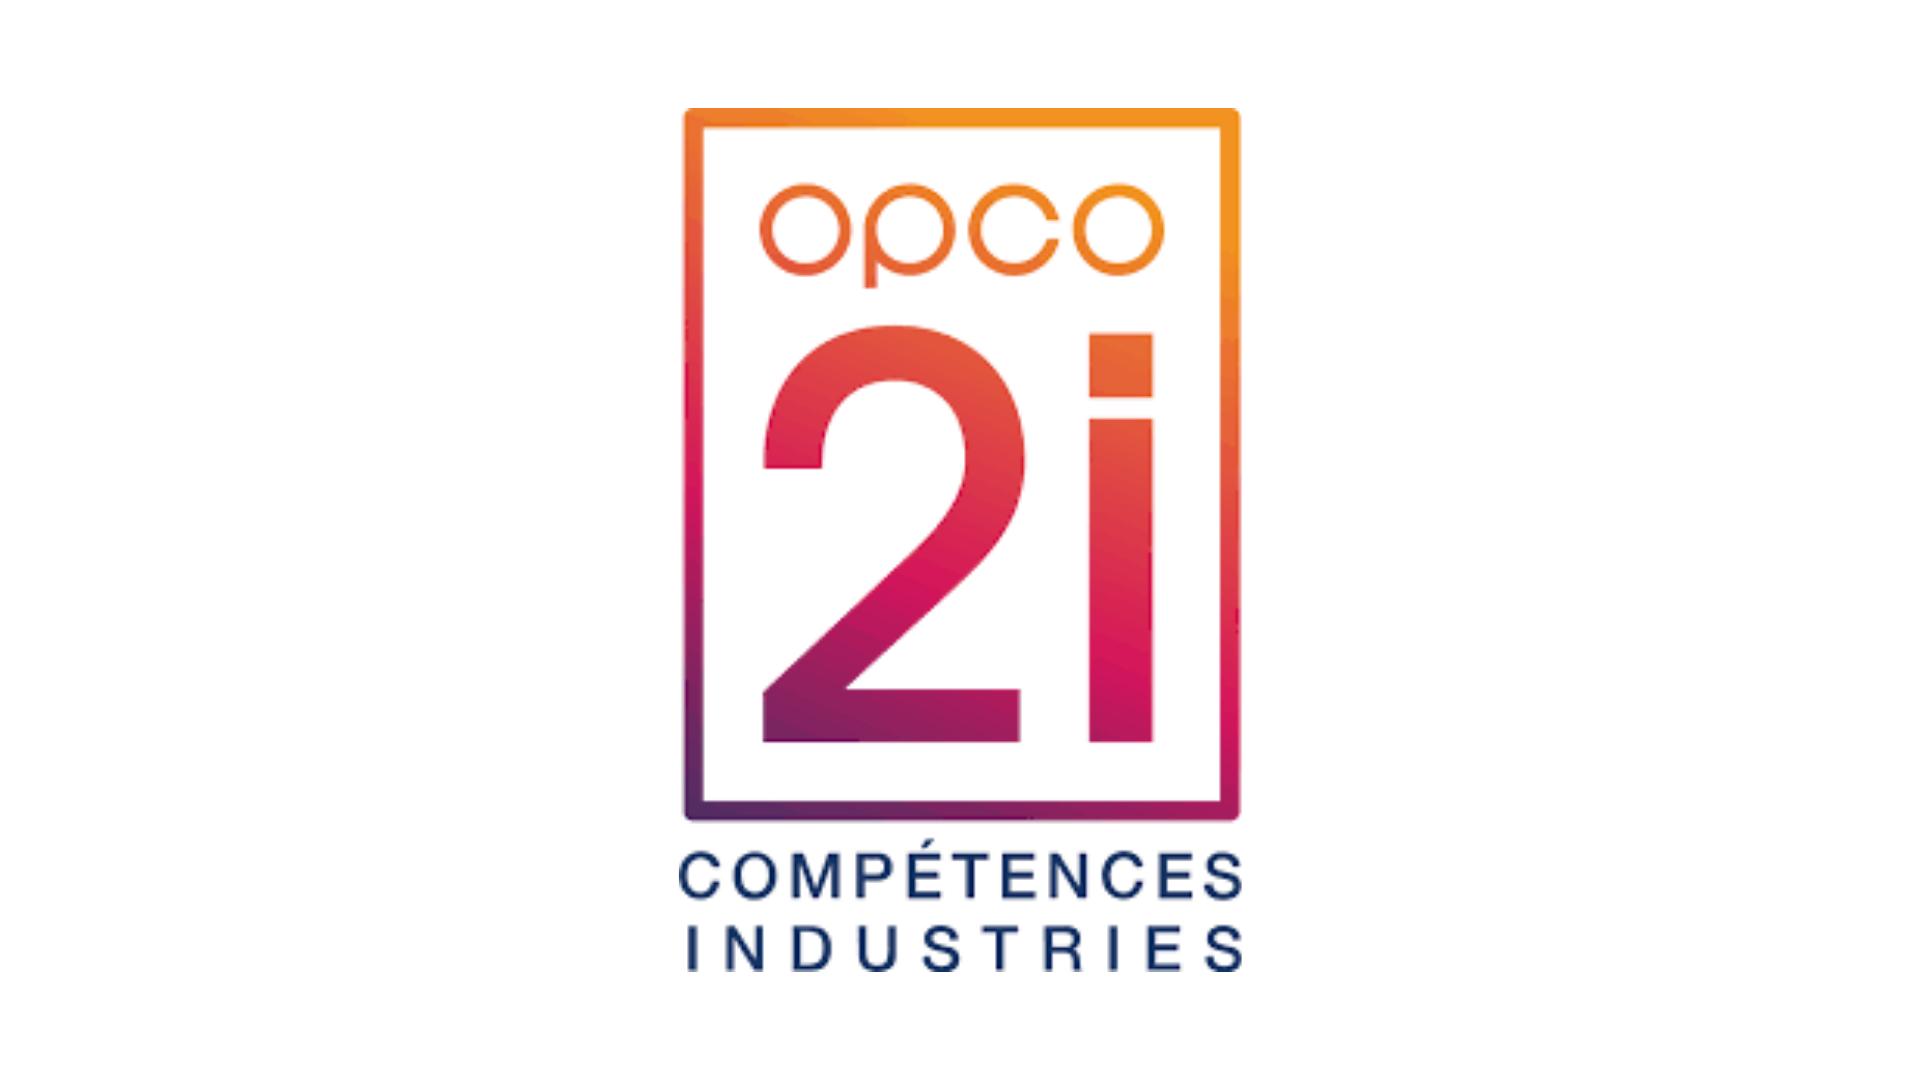 OPCO 2i - OPCO Inter-industriel | Trouver mon OPCO